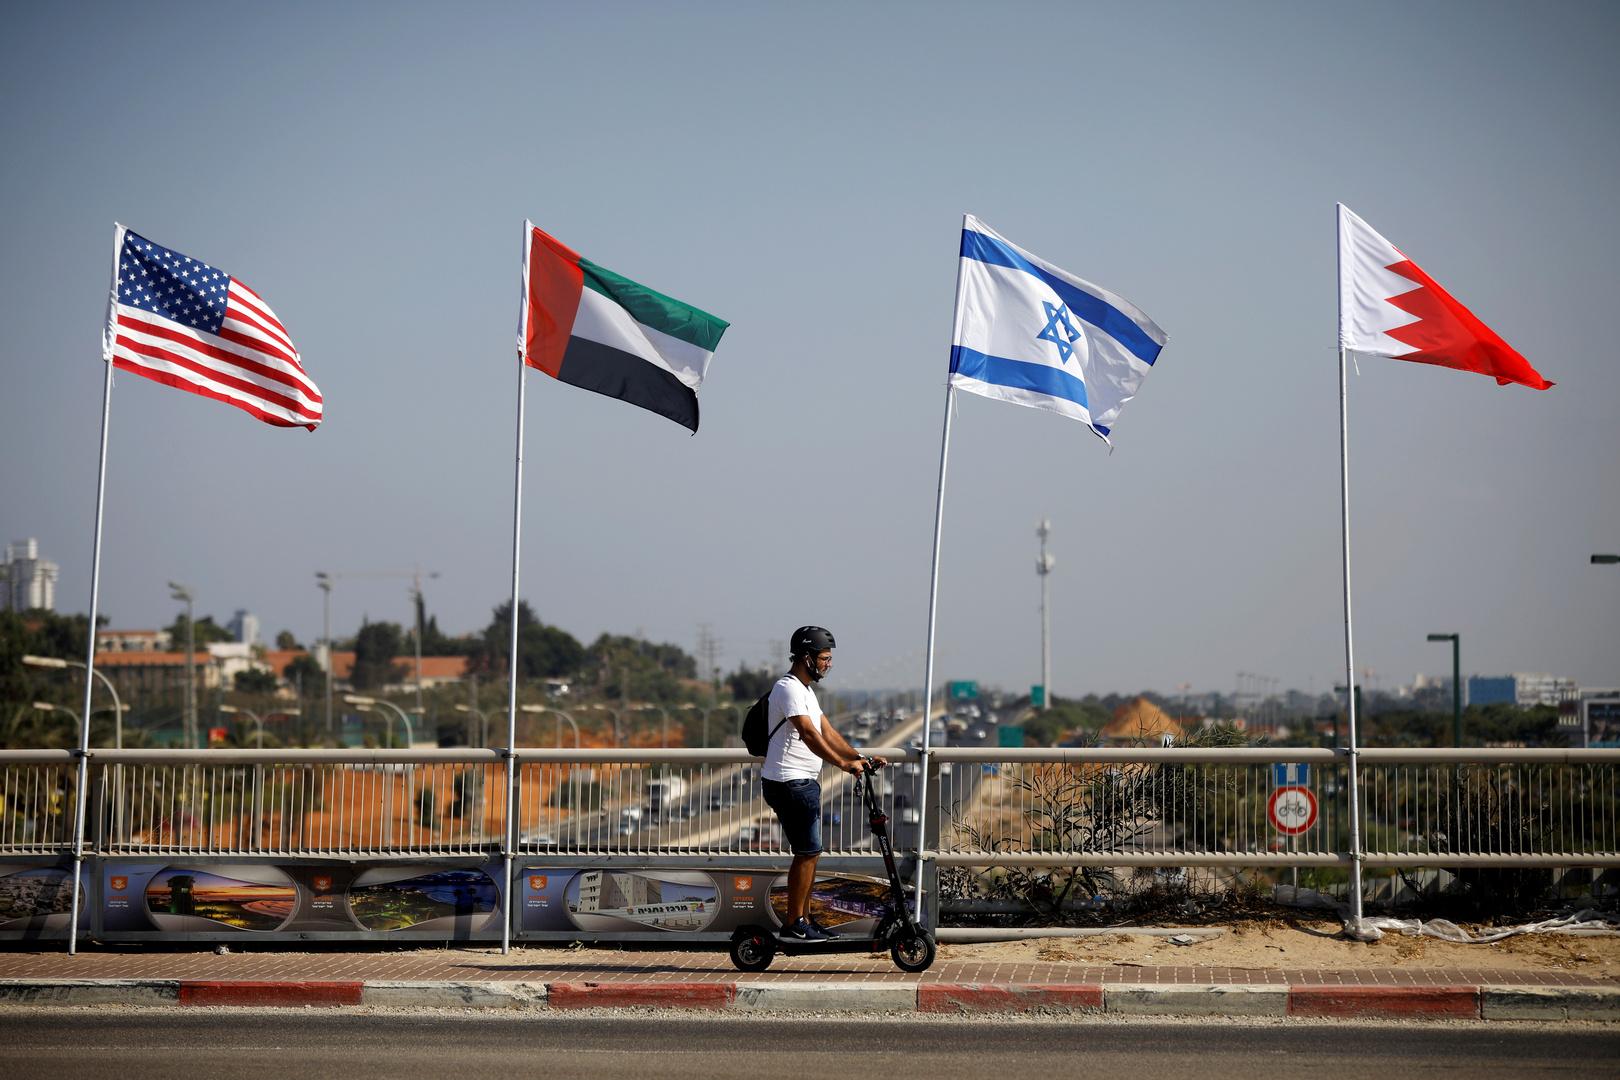 اتفاقية تعاون إماراتي - إسرائيلي في مجال السينما وخطط لمهرجان سينمائي إقليمي